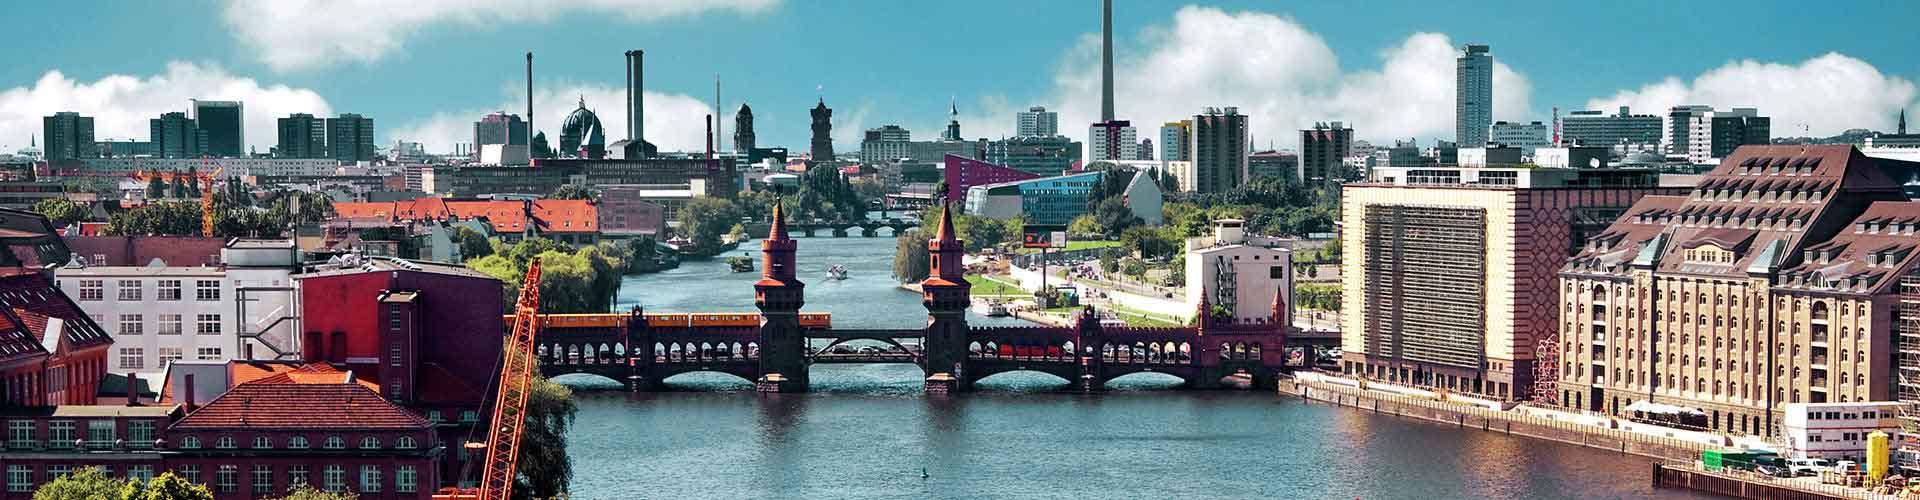 柏林 – Kreuzberg区的青年旅馆。柏林 地图,柏林 每间青年旅馆的照片和评分。